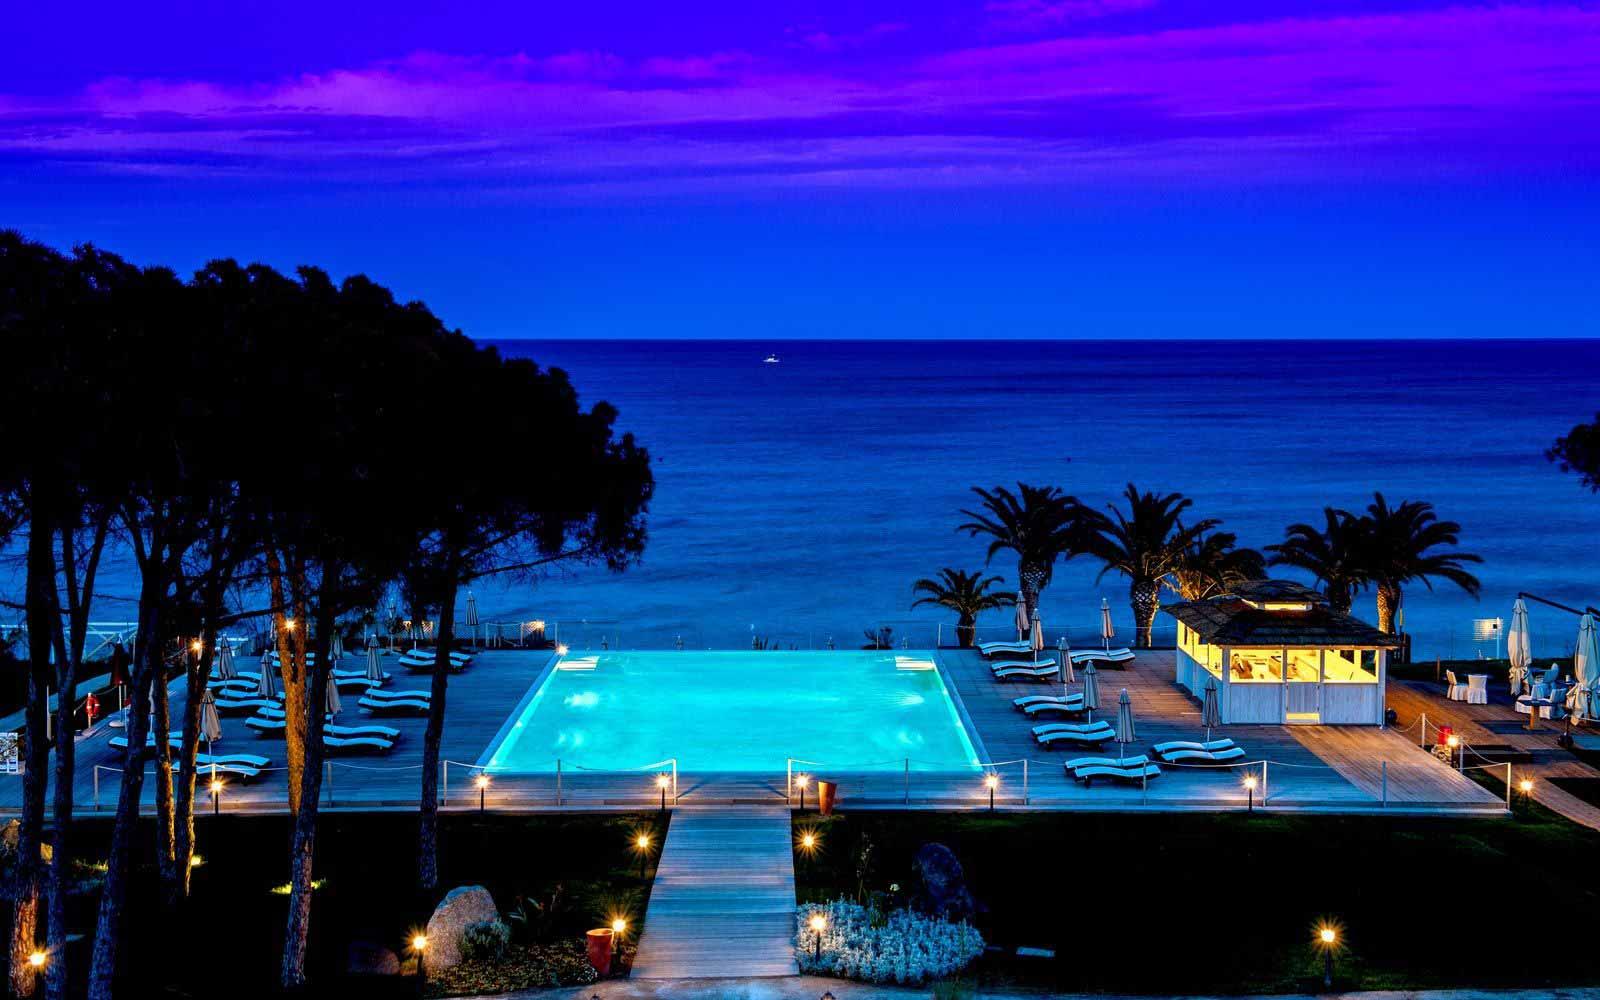 Hotel Villa del Re by night